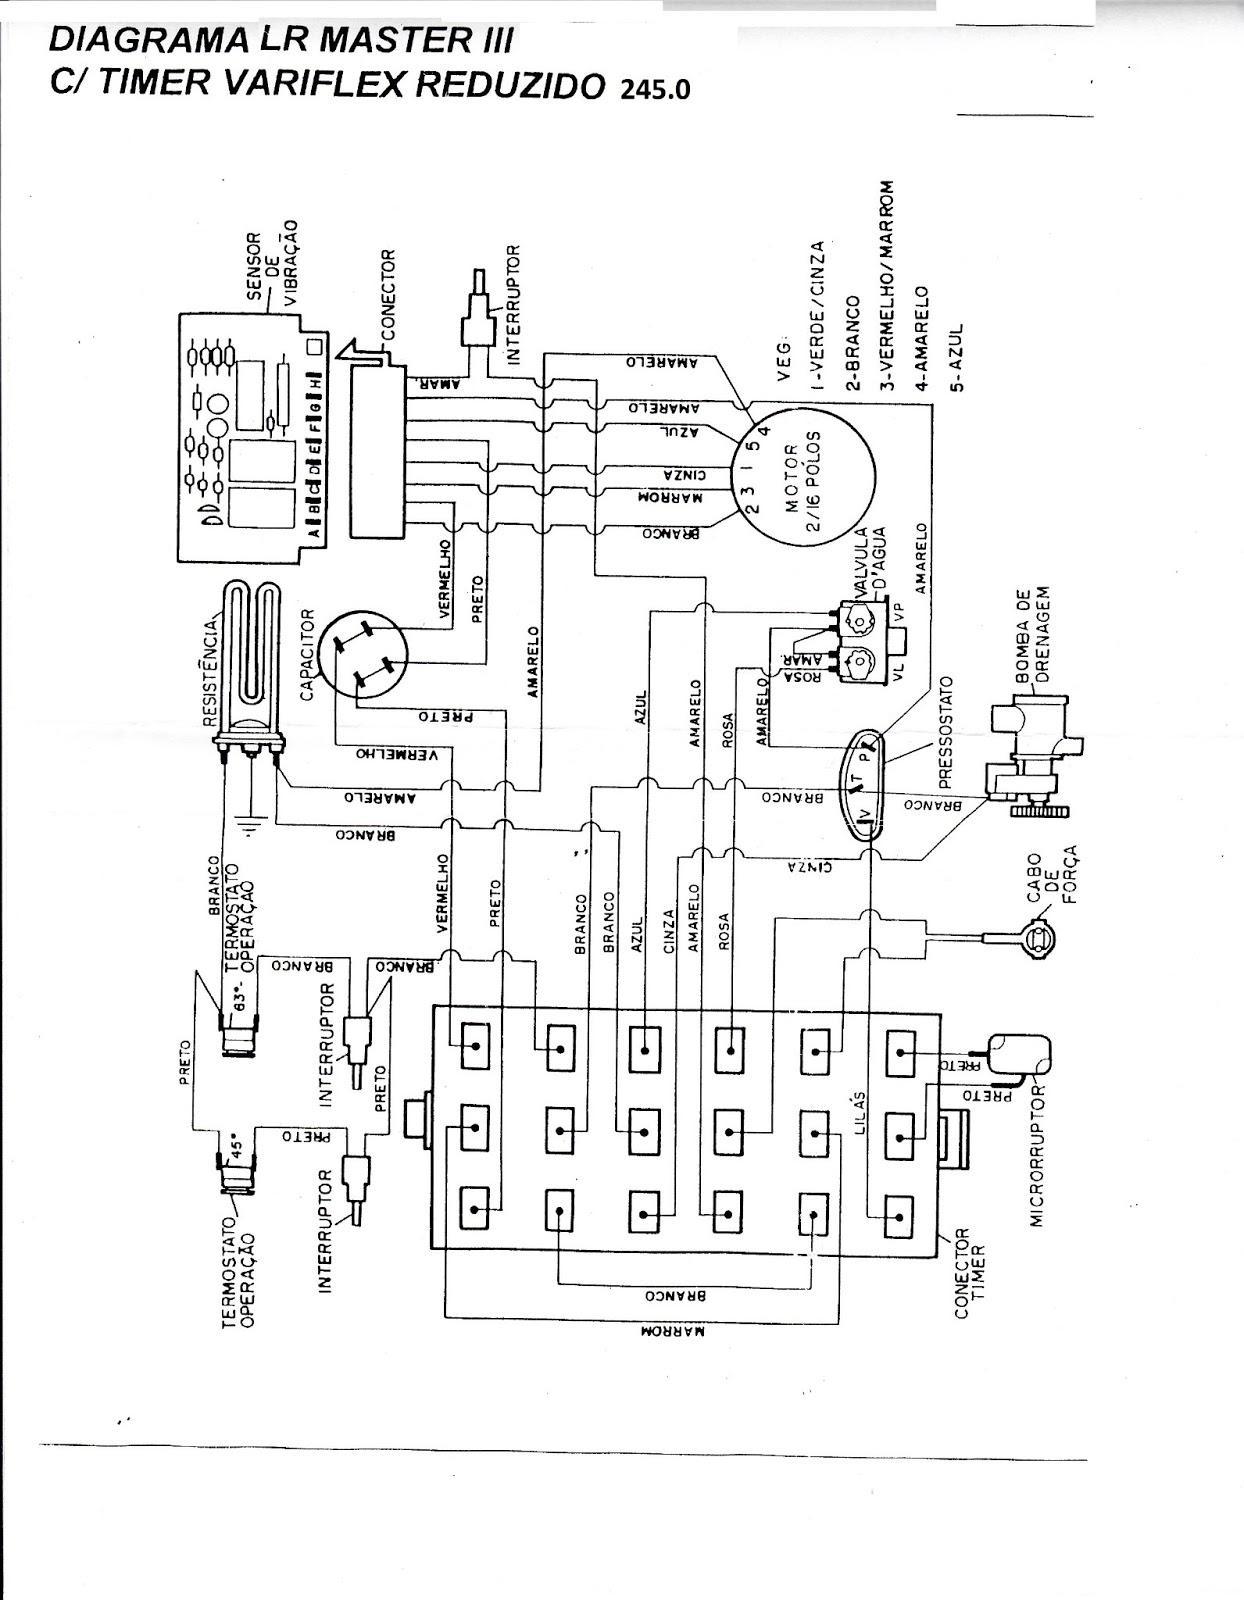 Consertando Minha Maquina De Lavar Diagrama Eletrico Lr